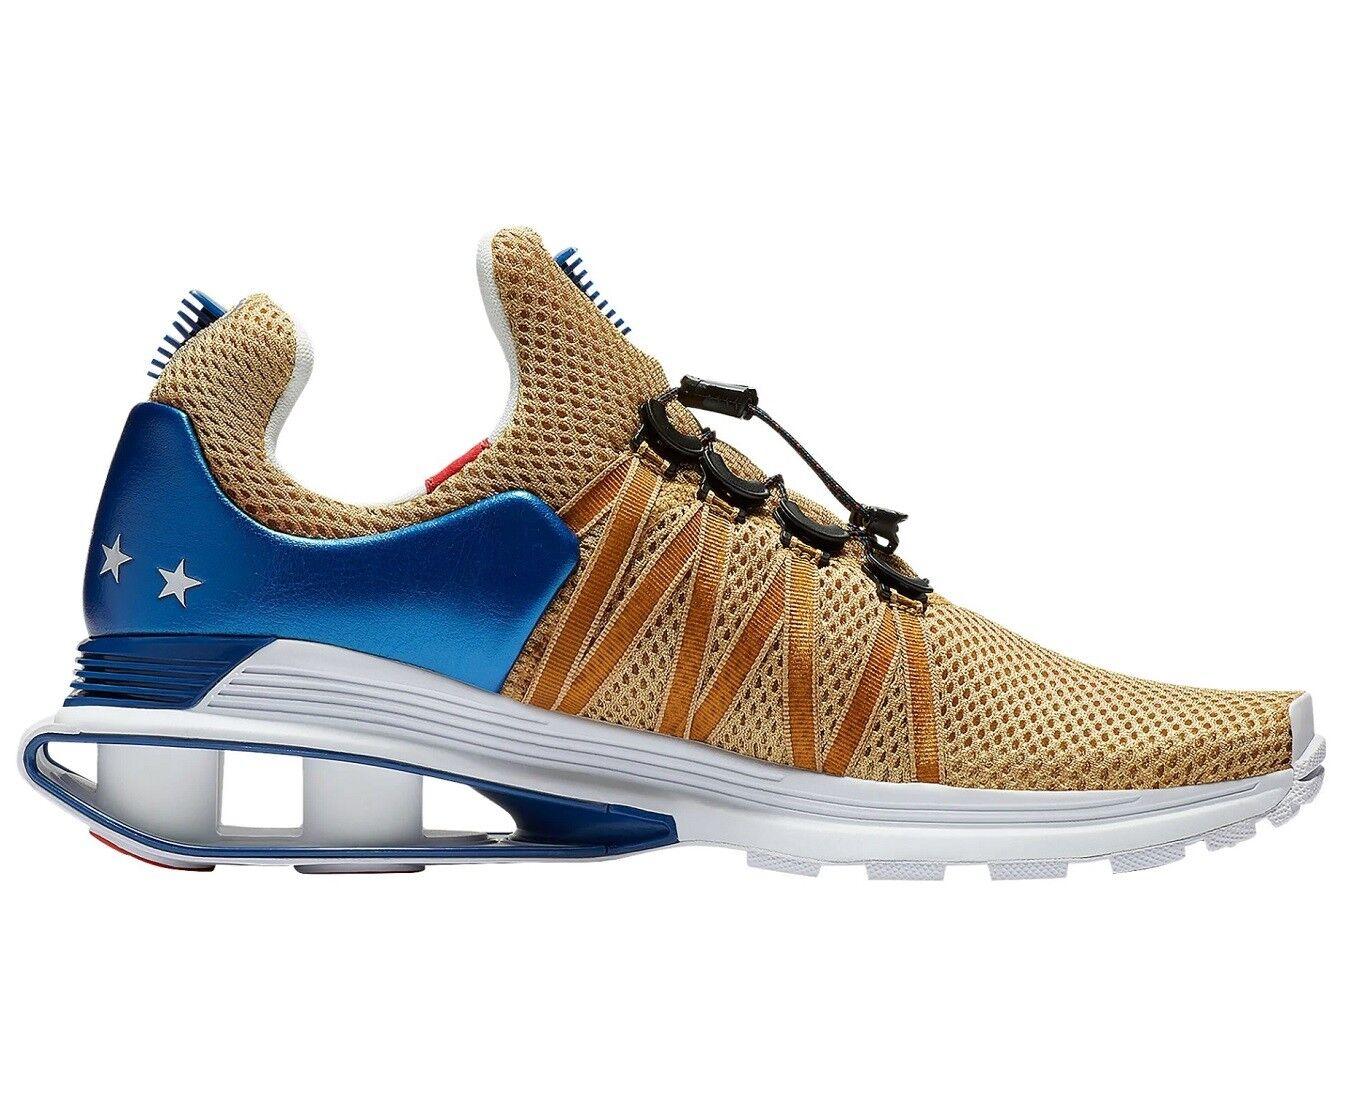 Nike shox gravità Uomo ar1999-700 metallico scarpe oro rosso blu scarpe metallico da corsa numero 13 25f0be